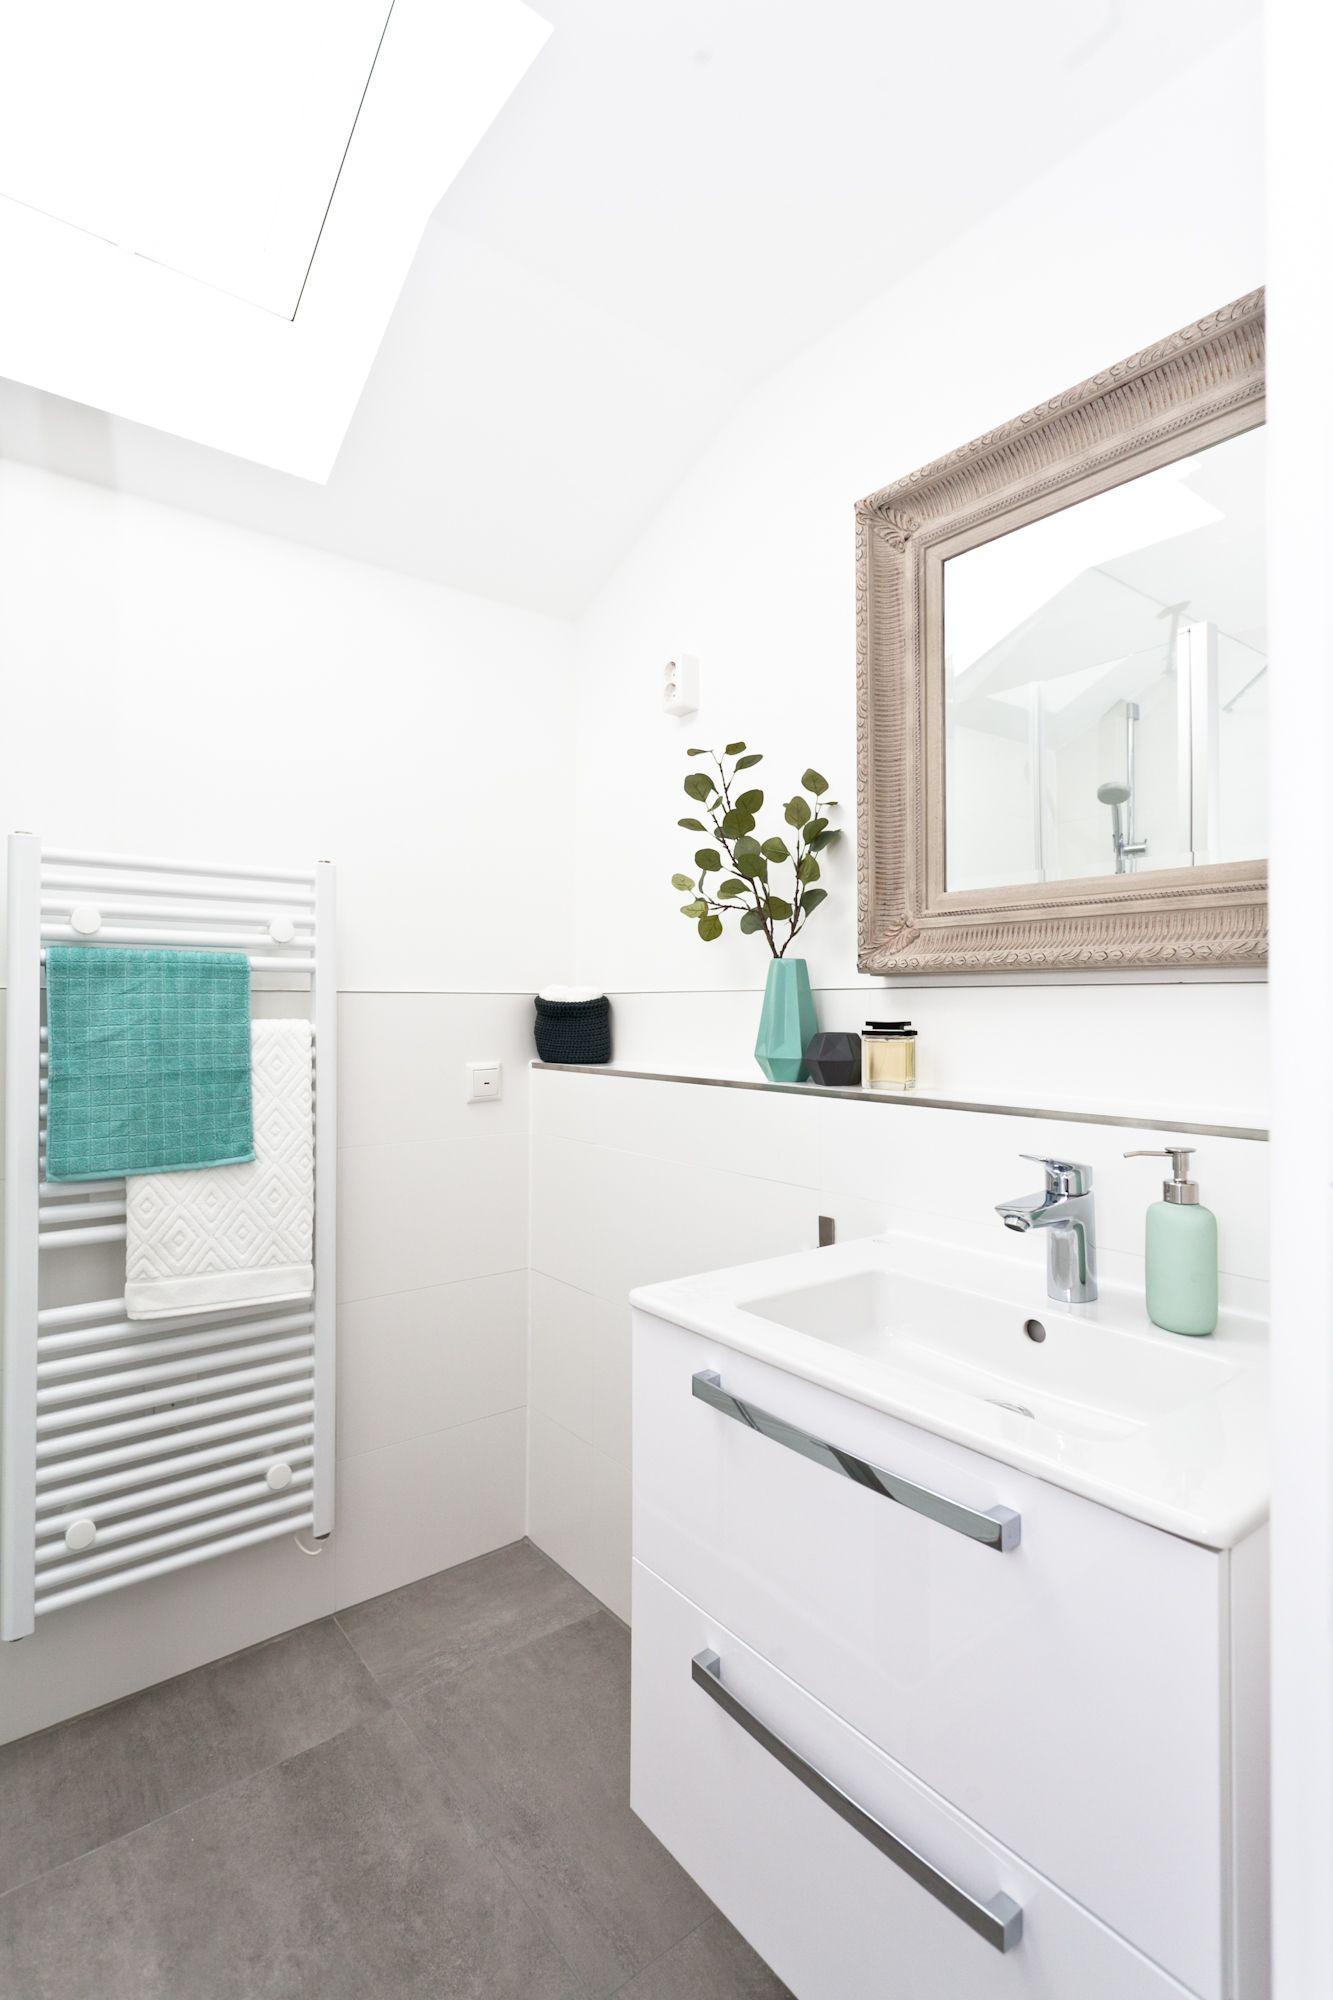 Badsanierung Kleines Bad kleines bad in eleganten pastelltönen banovo badrenovierung